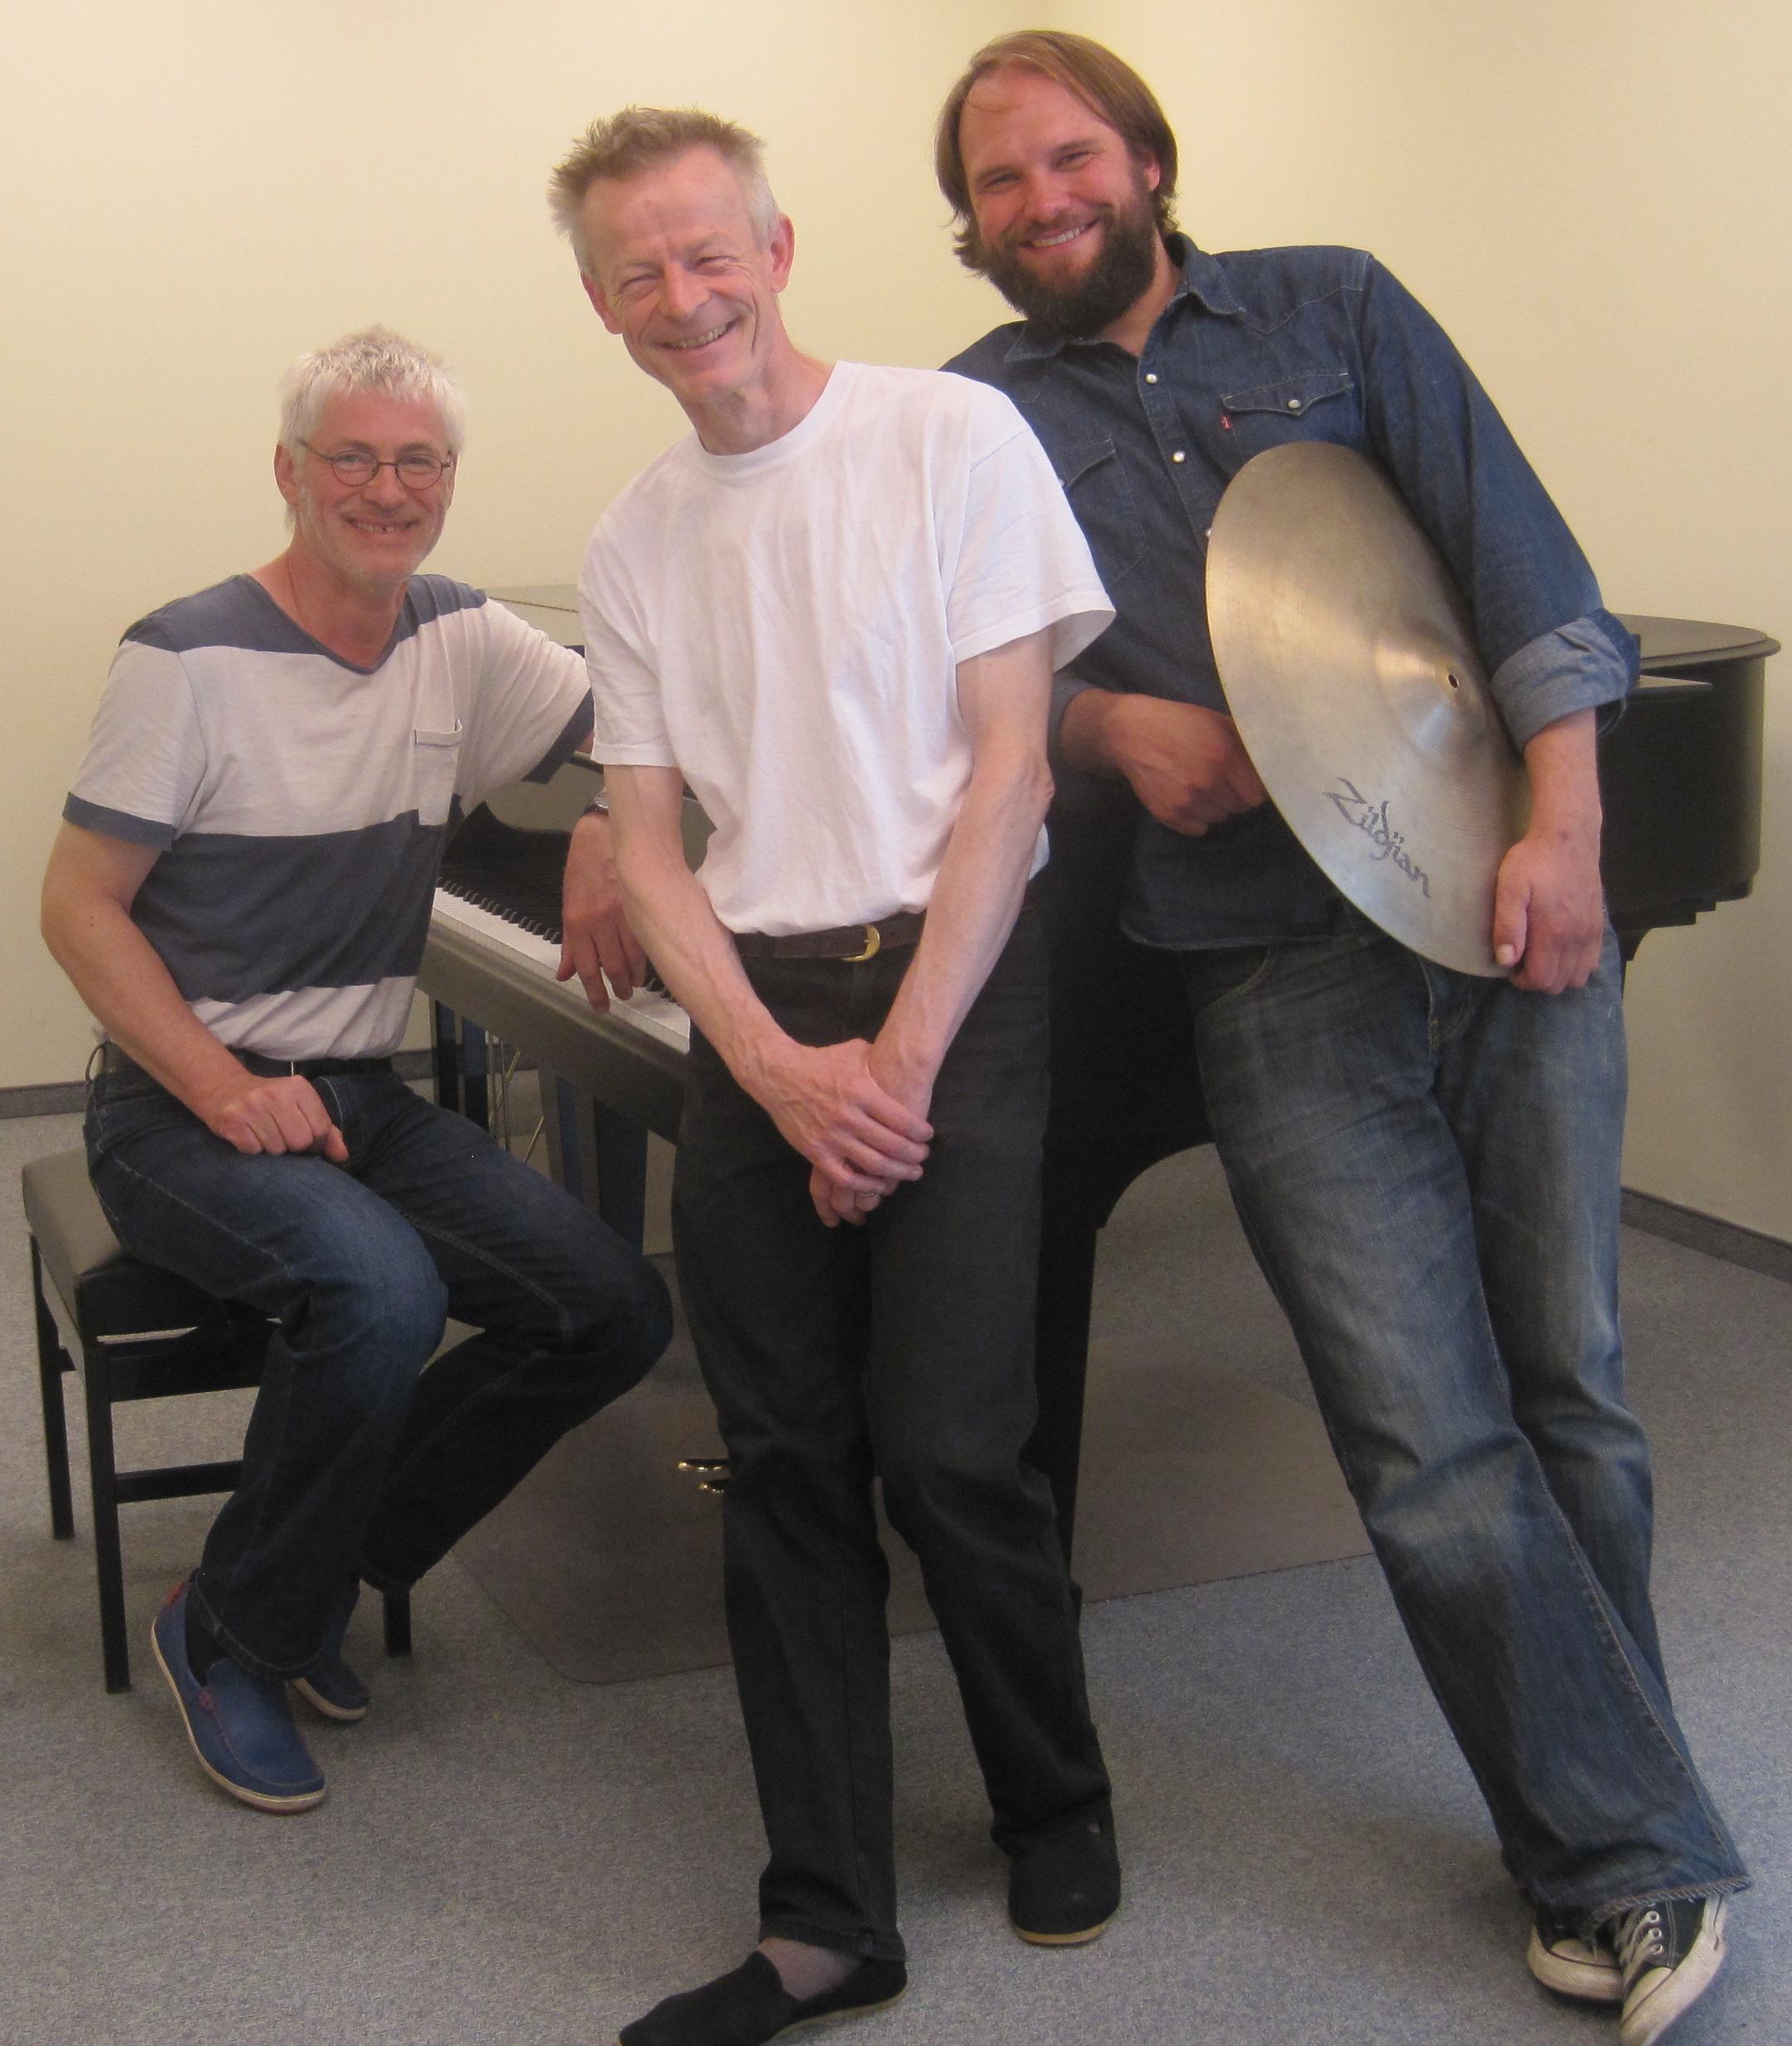 SPK Trio: Matthias Schubert, Werner Kirschbaum, Sven Pollkötter